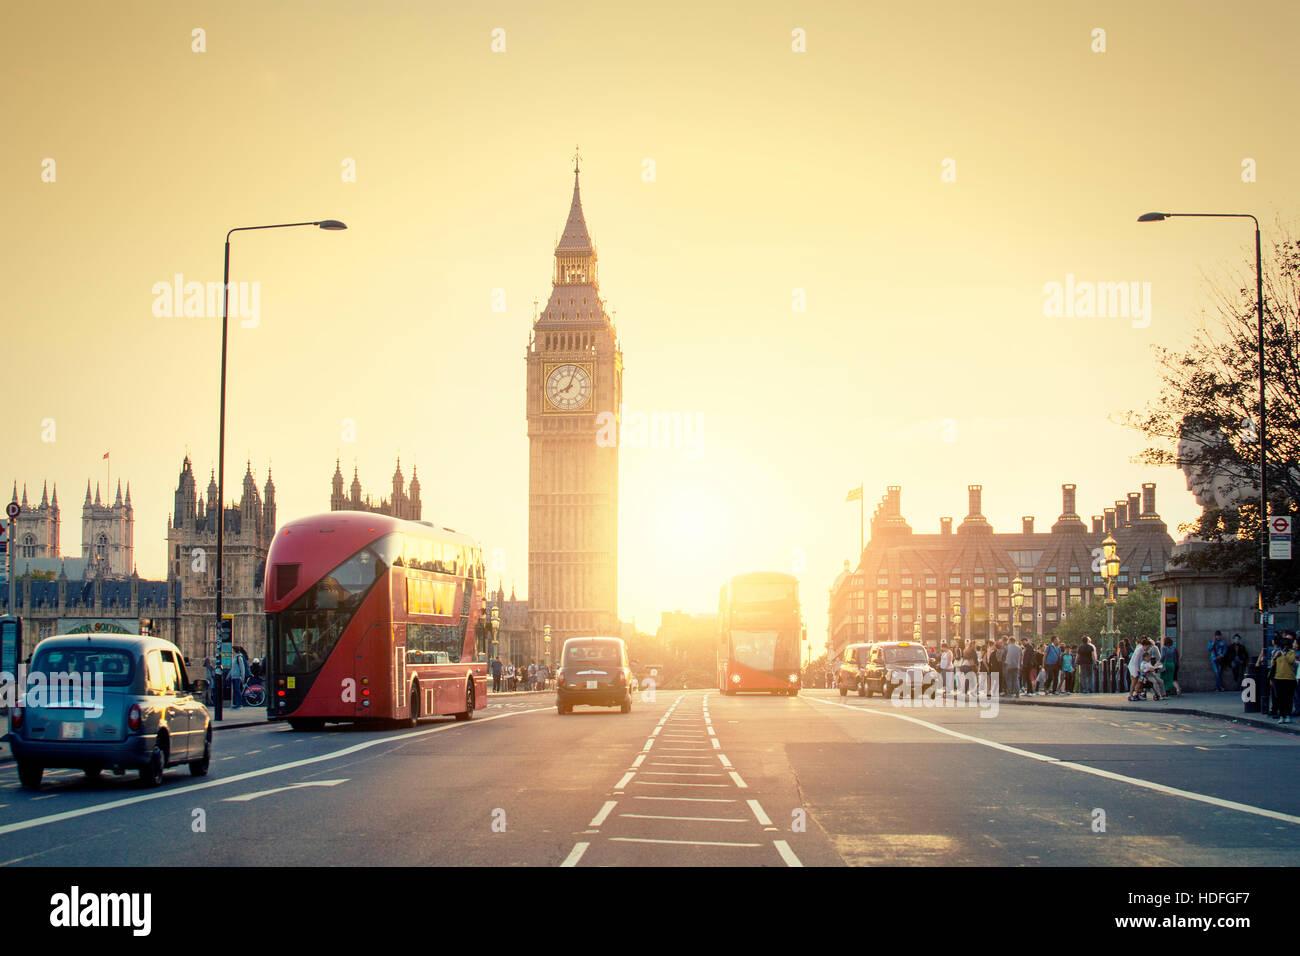 Londres, Royaume-Uni, palais de Westminster et Big Ben et le trafic sur le pont de Westminster en premier plan Photo Stock